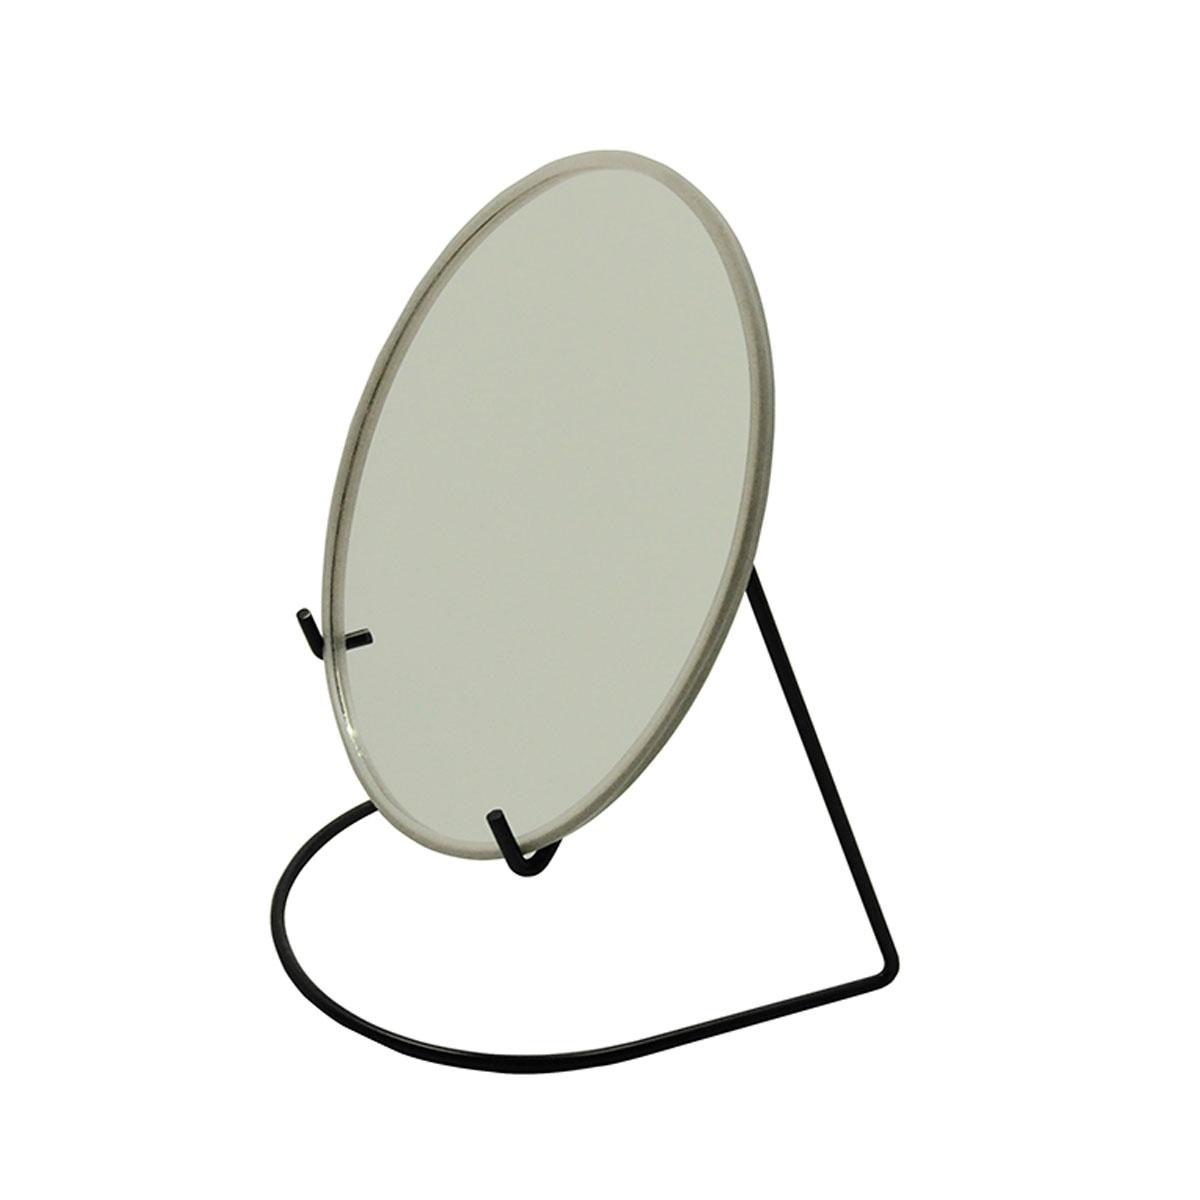 Miroir grossissant avec socle métal coloré (Noir)